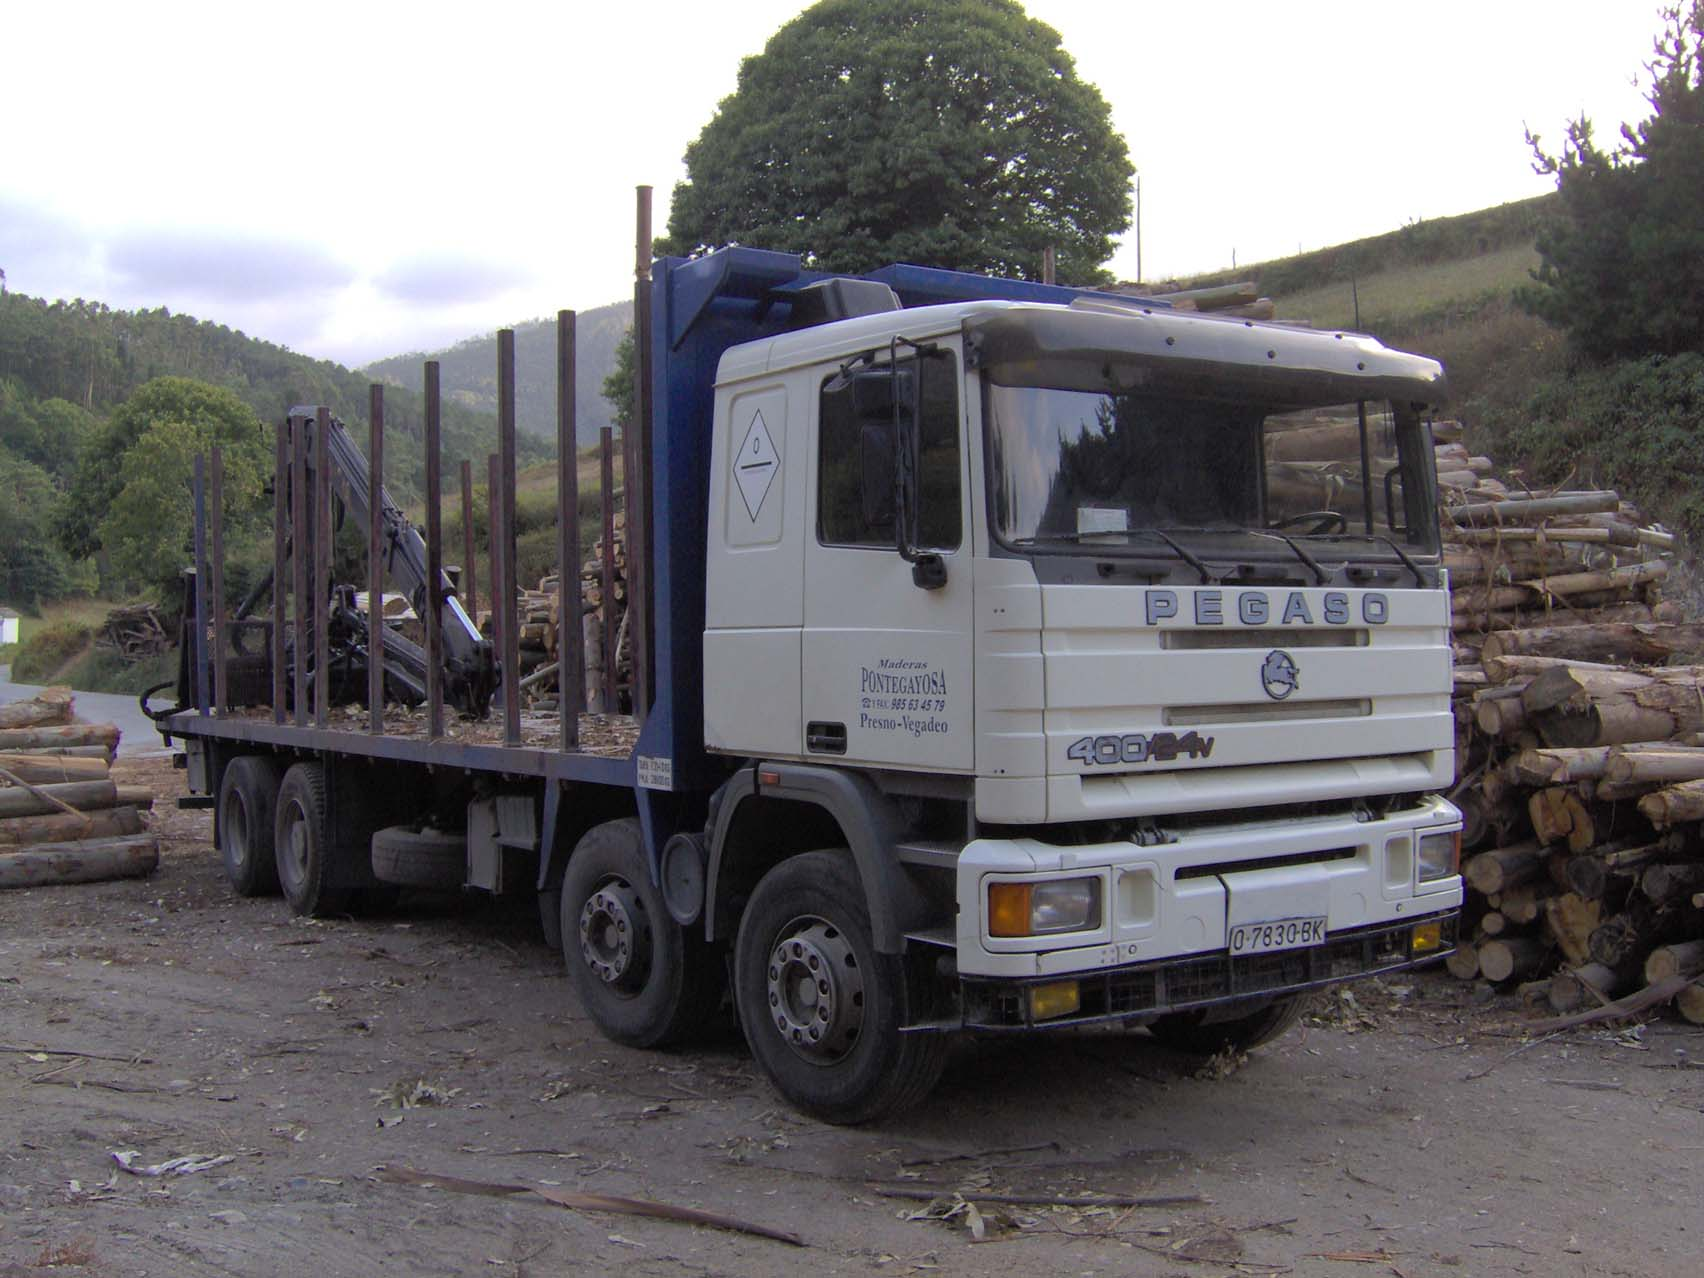 Camiones de carga tendrán restricciones en Semana Santa